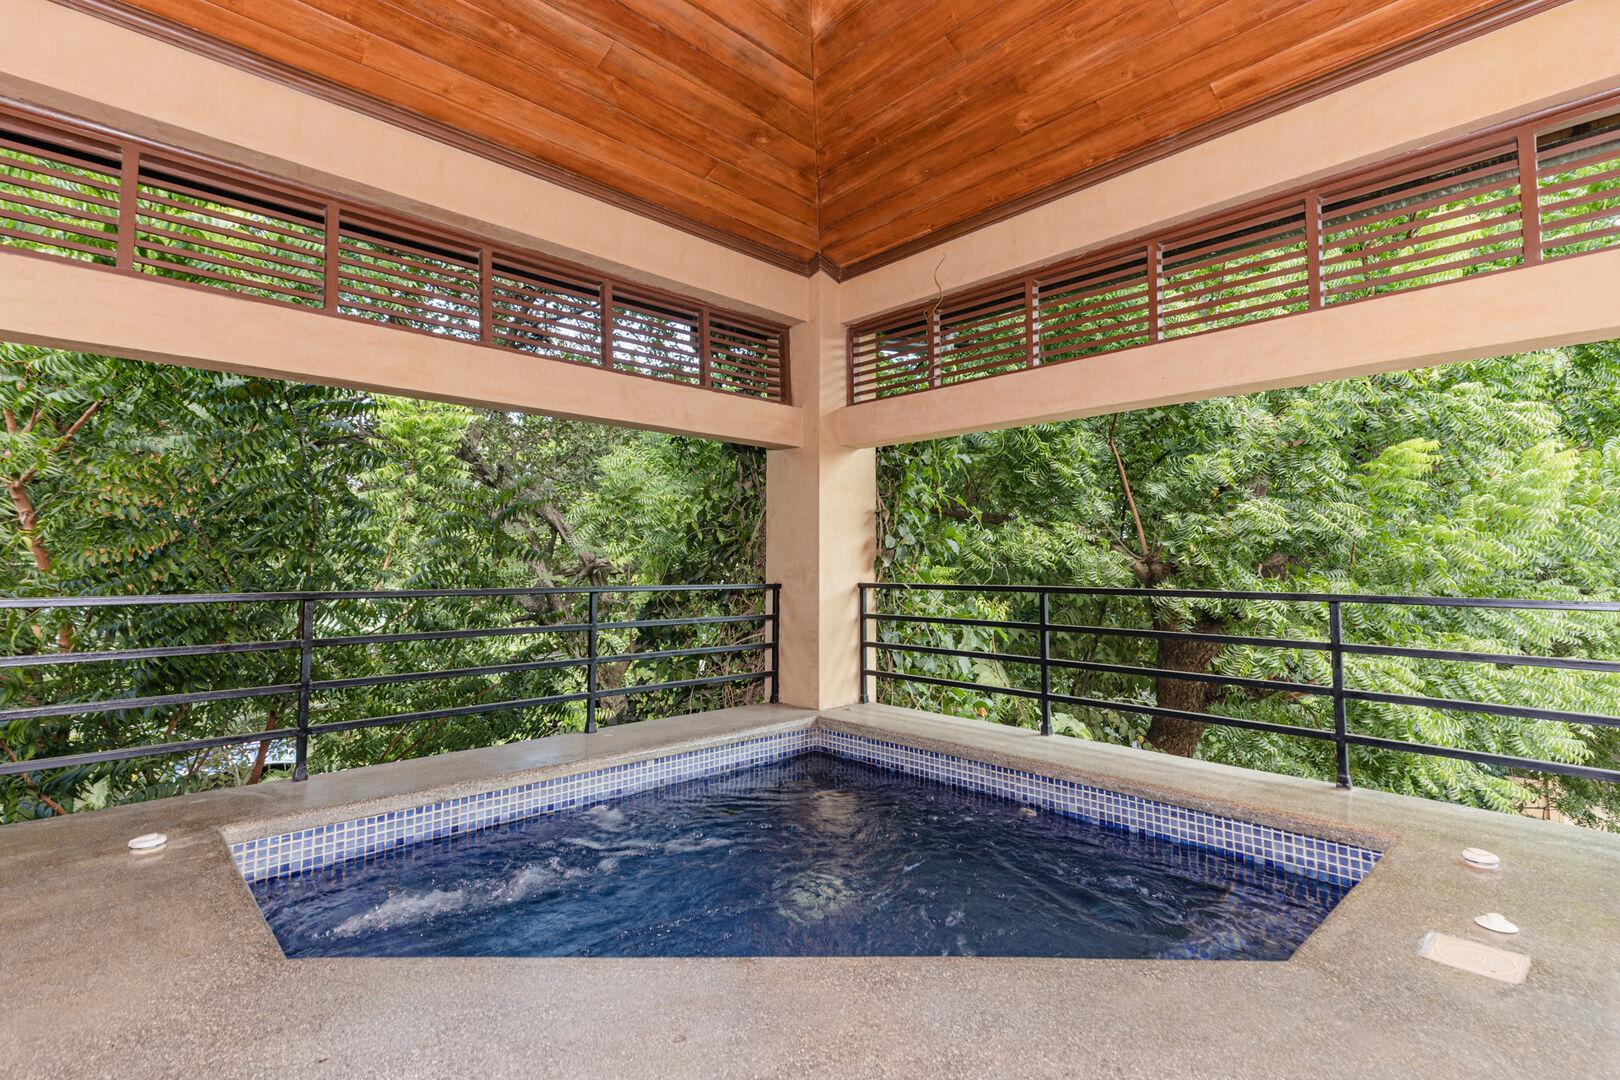 Ibis Condos hot tub spa